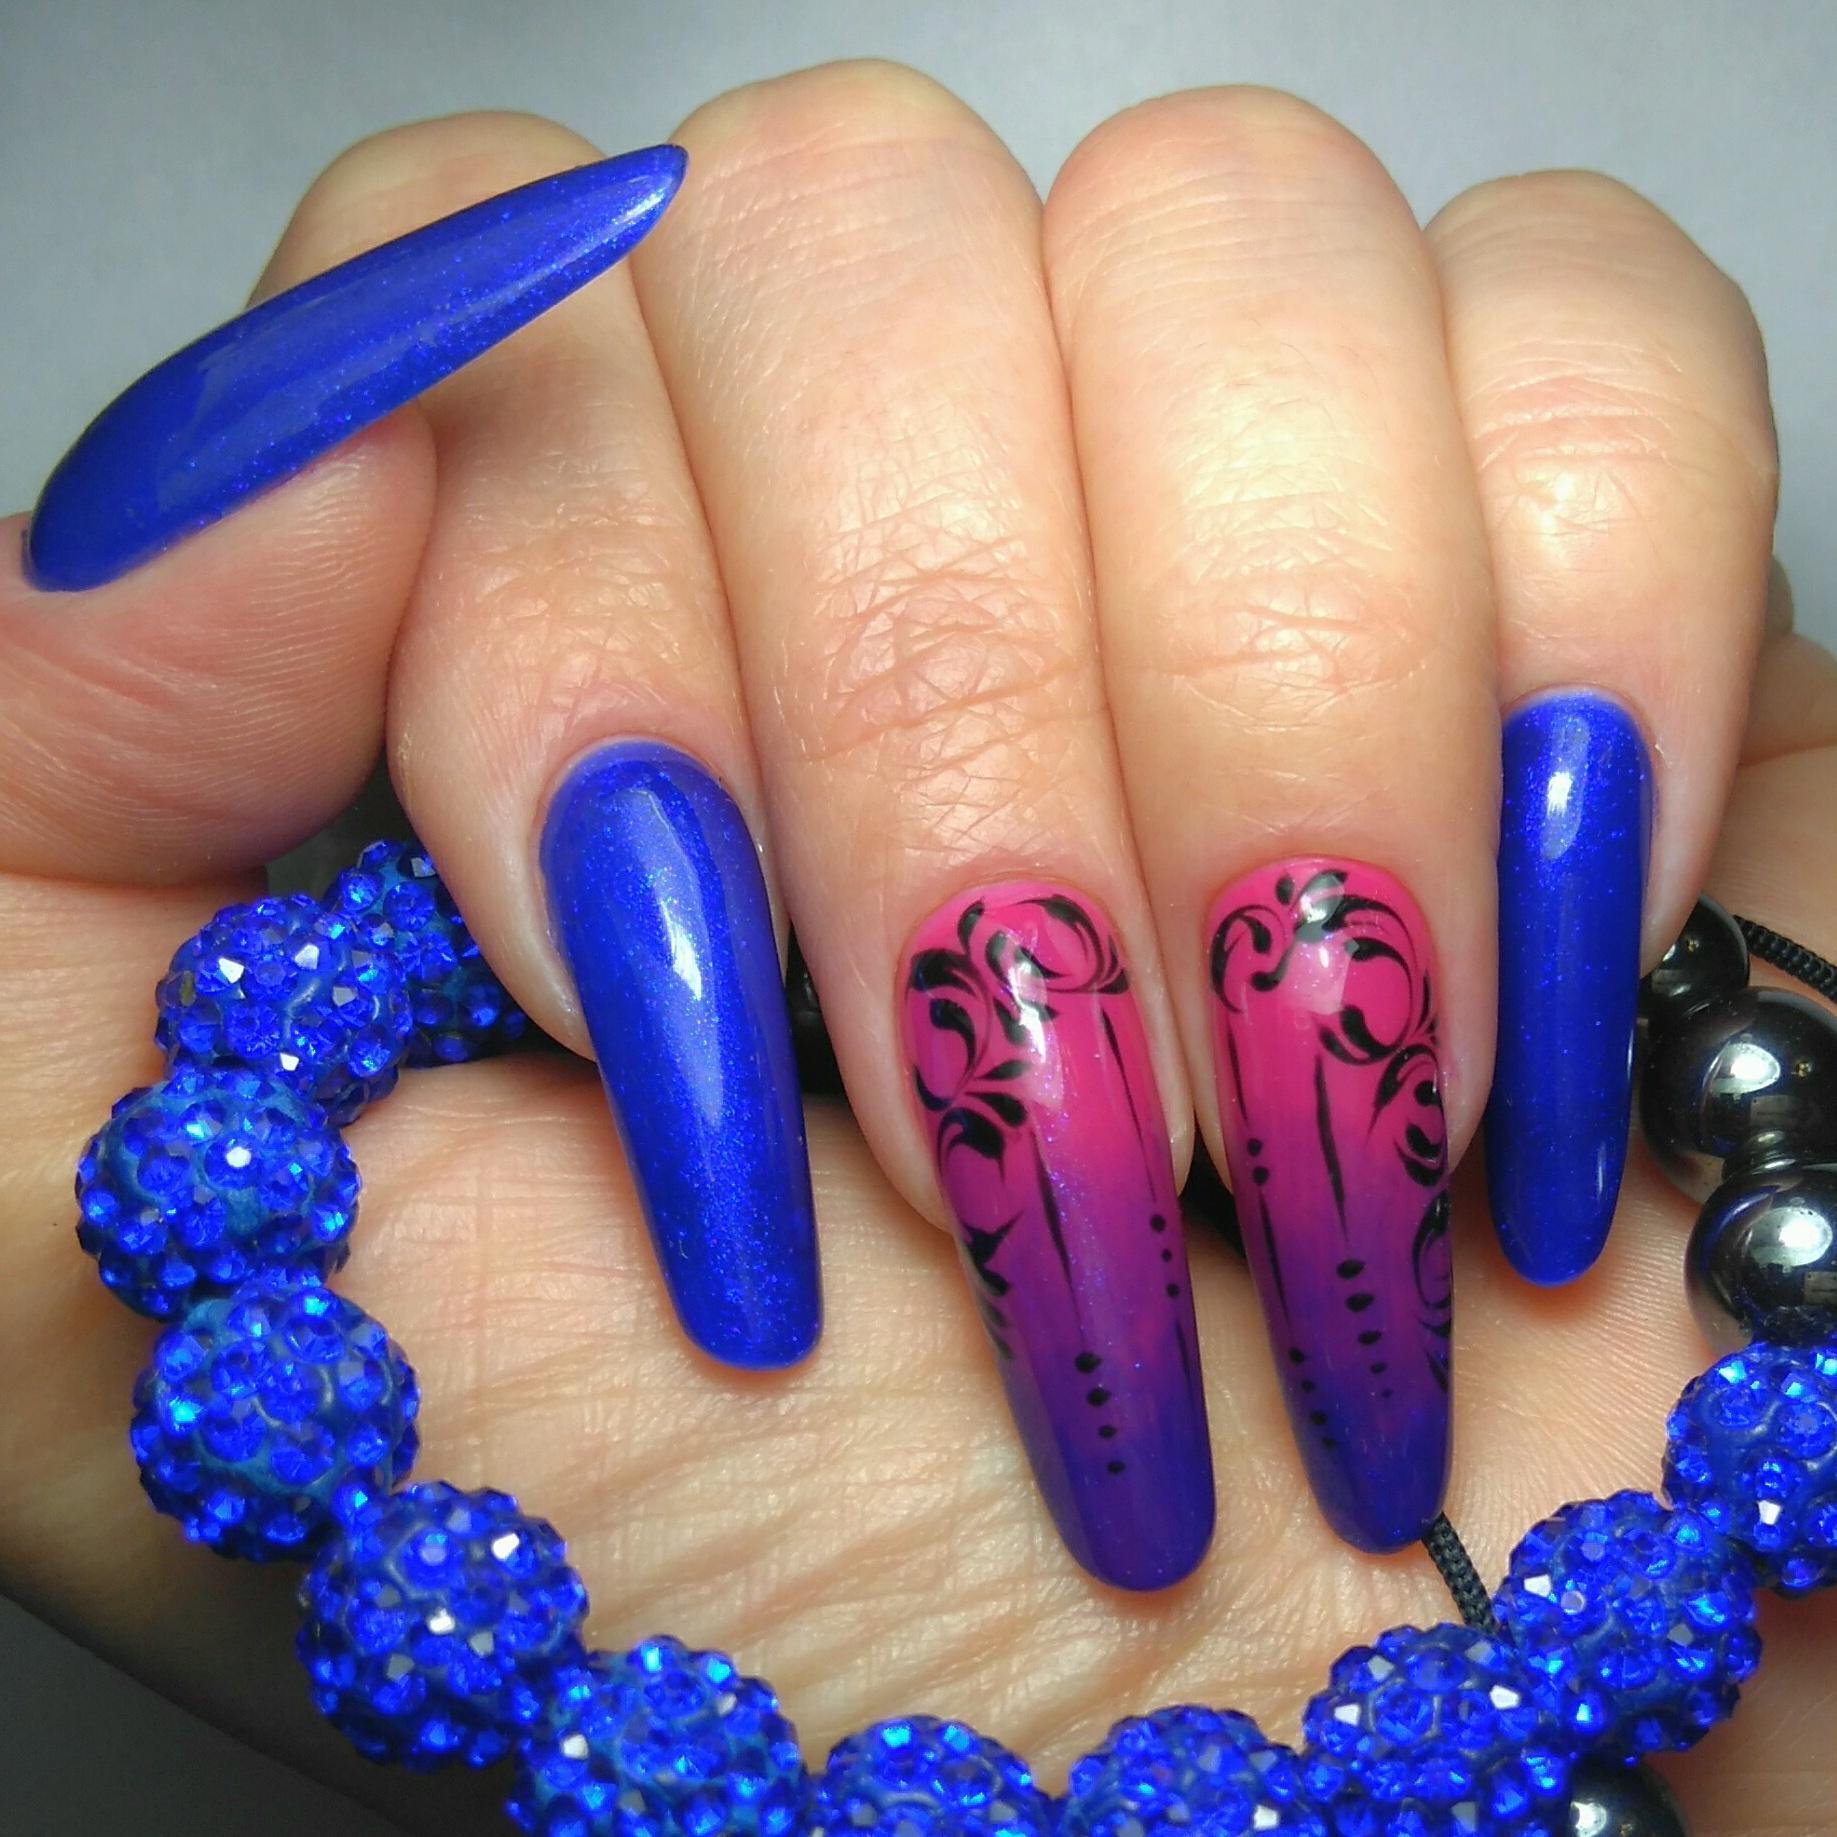 необычное наращивание ногтей фото природе сомики